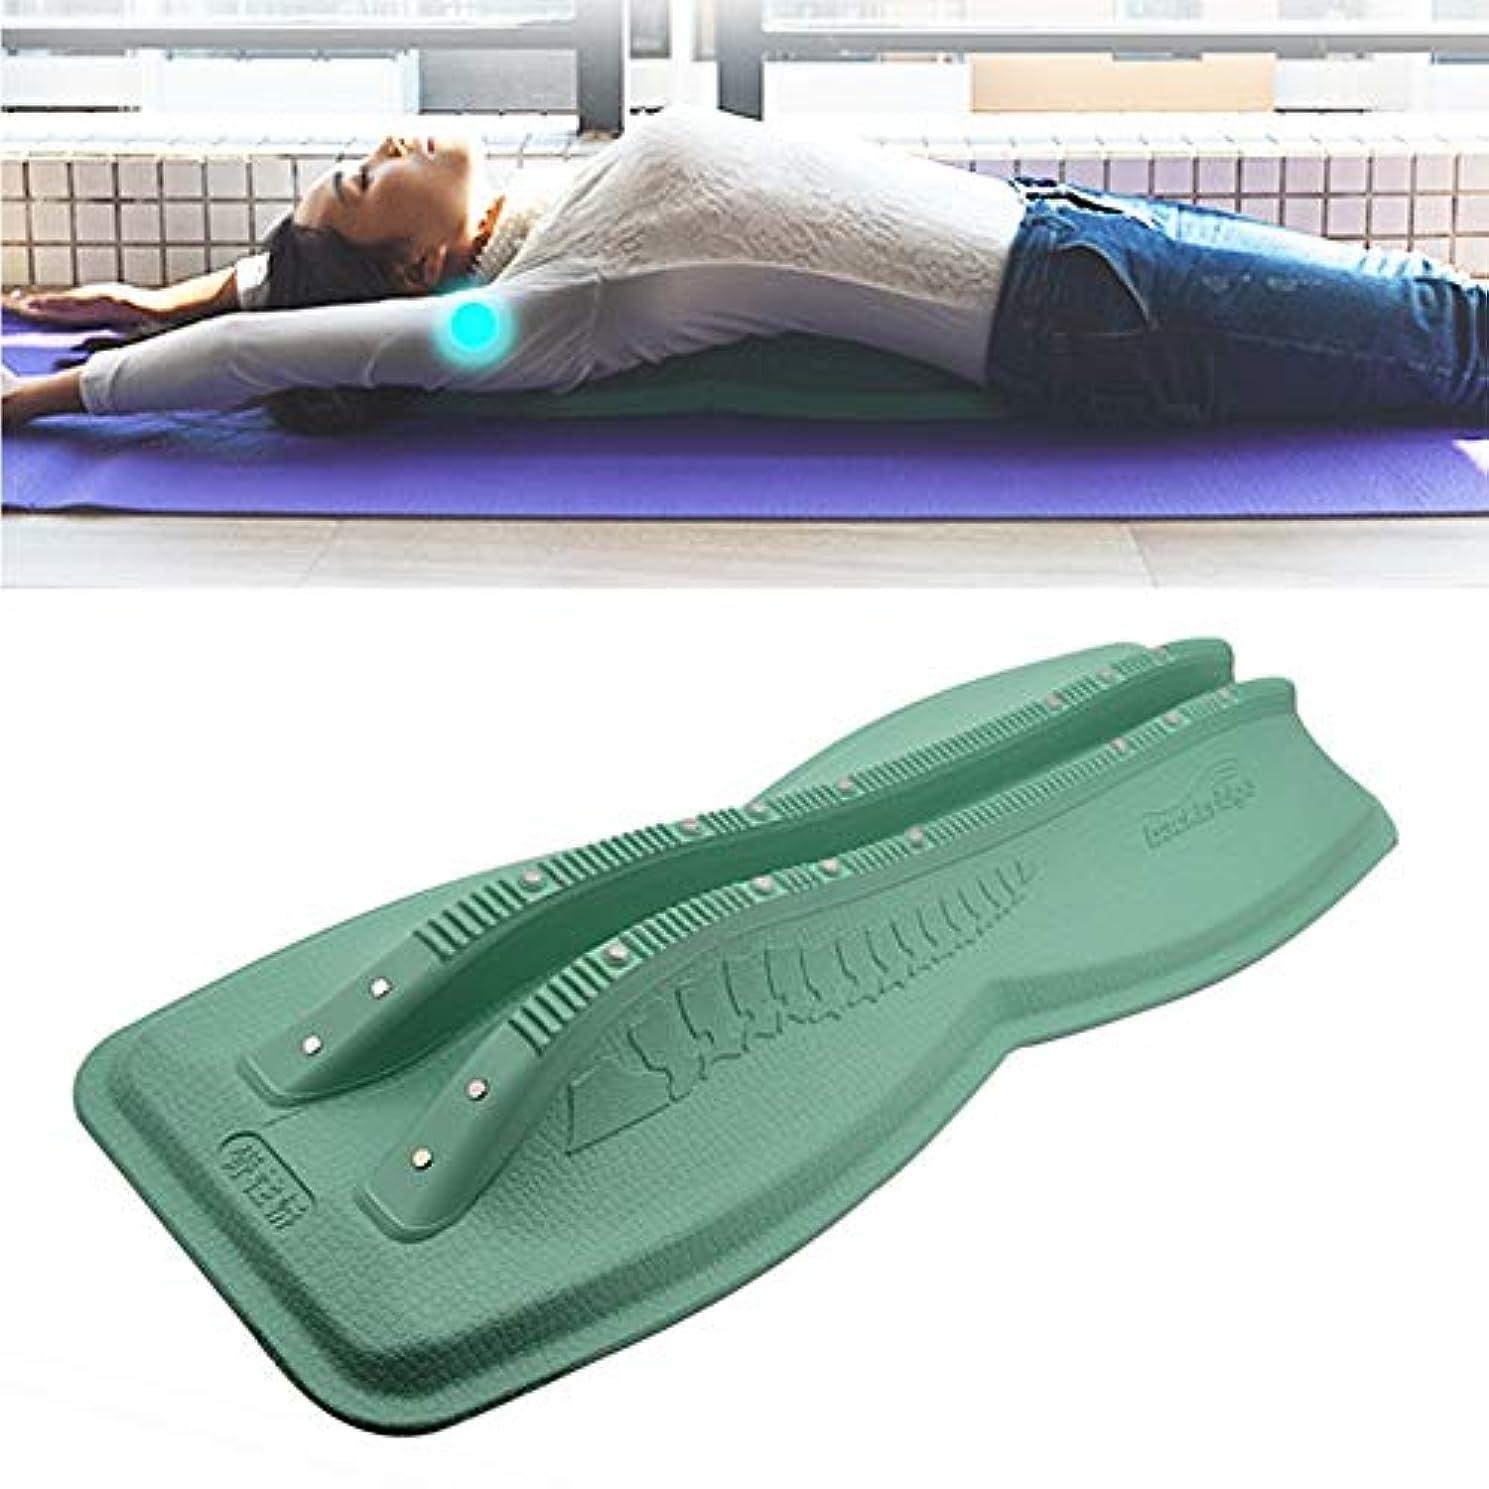 コマンド近く原子ホームバックコレクターキャメルバックコレクター頸部腰椎マッサージ脊椎脊椎ストレッチストレッチ